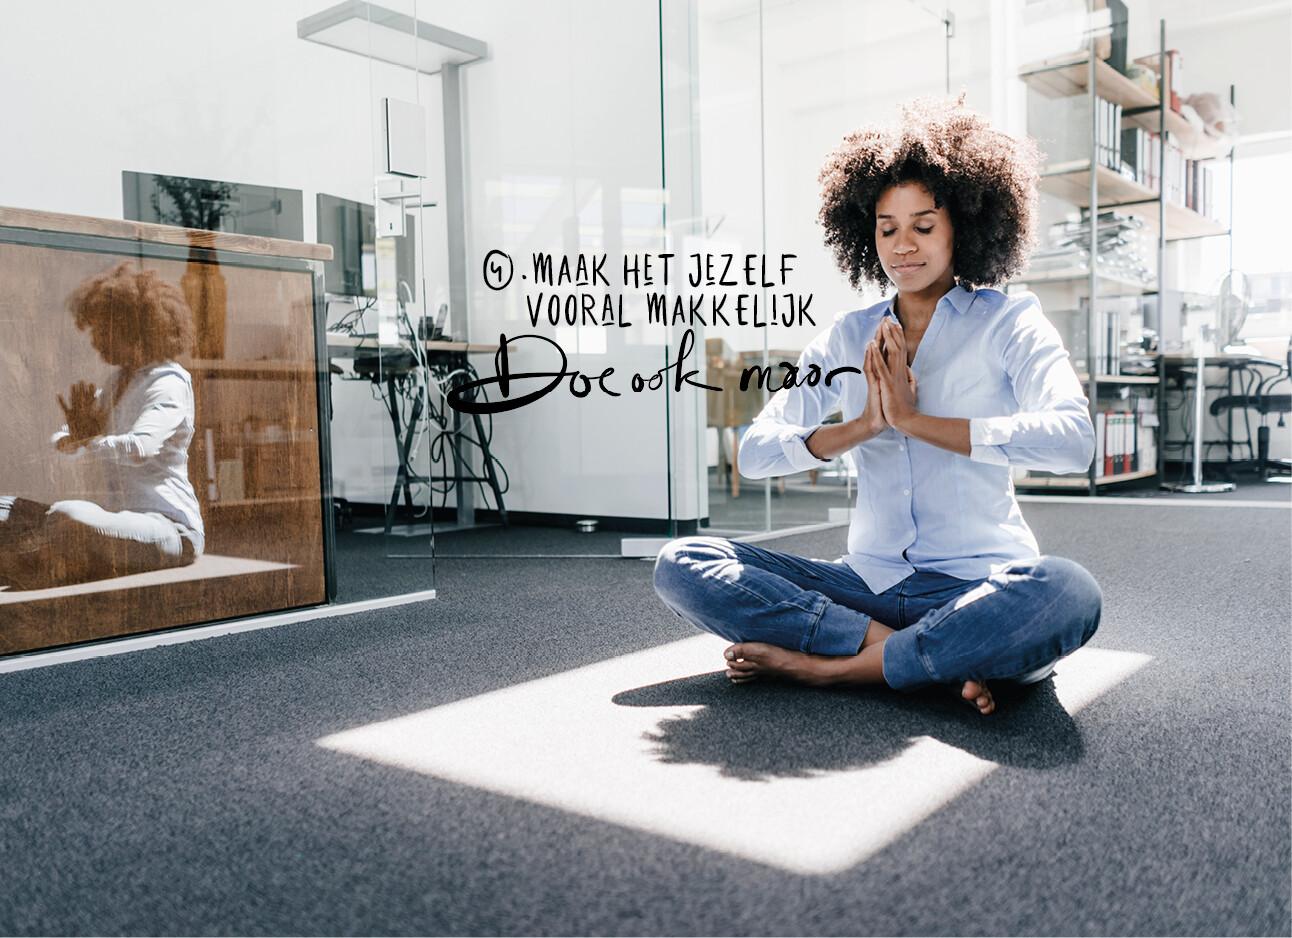 vrouw aan het mediteren op werk